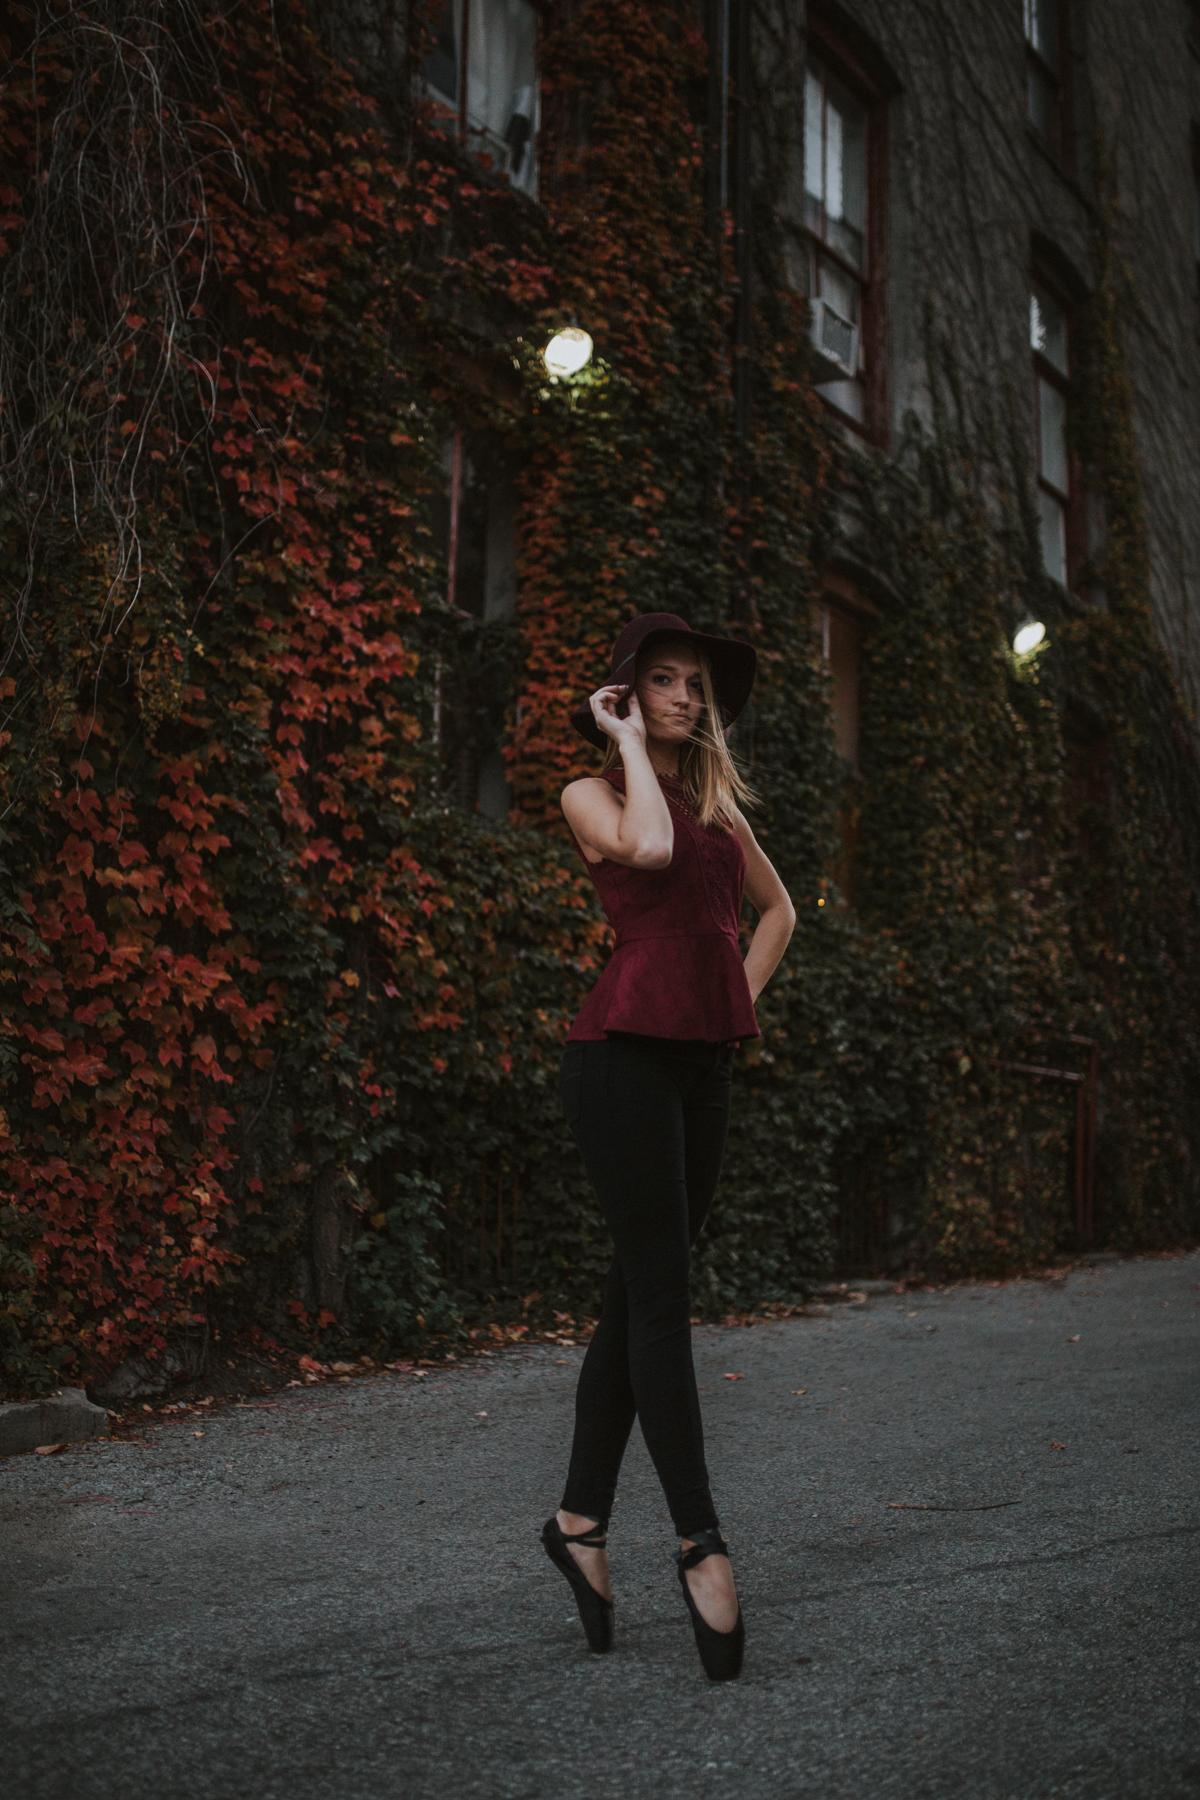 Ellie Downtown-0254.jpg